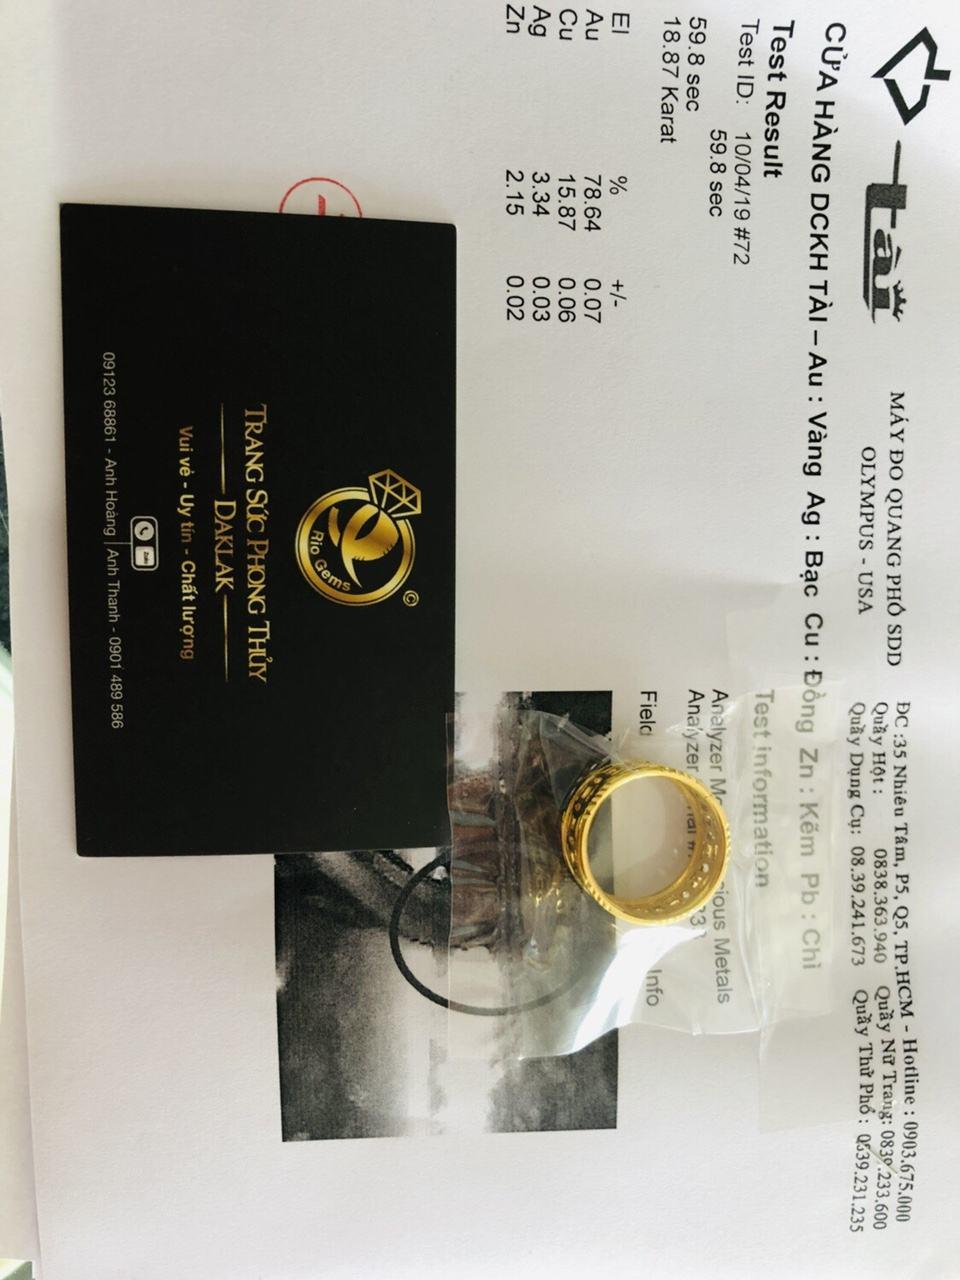 Giấy phổ vàng Nhẫn kim tiền vàng 24K - 18K luồng lông FAKE (khách đưa)